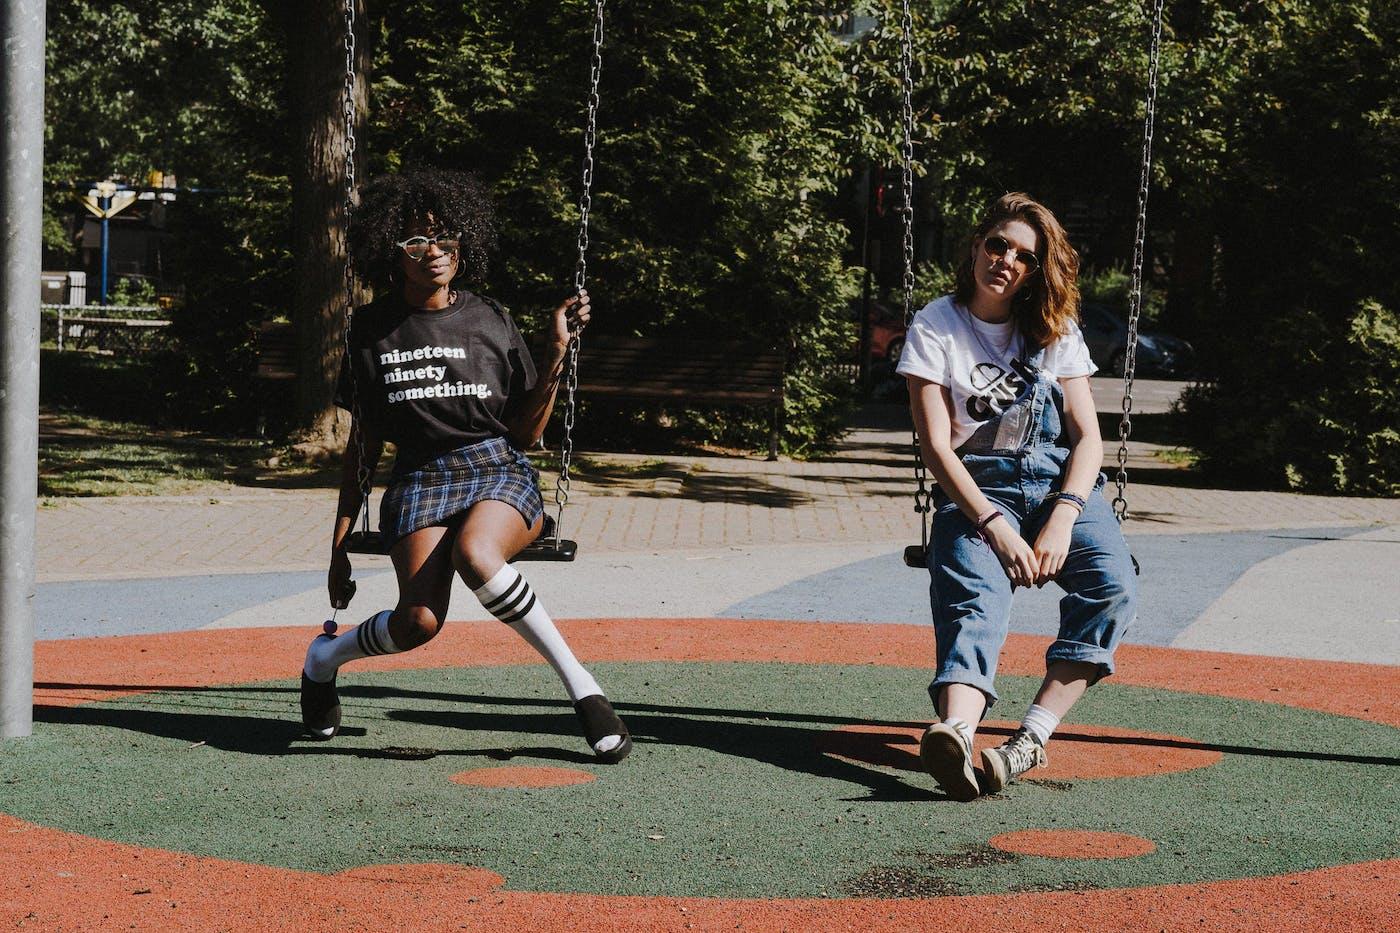 90s – Swings